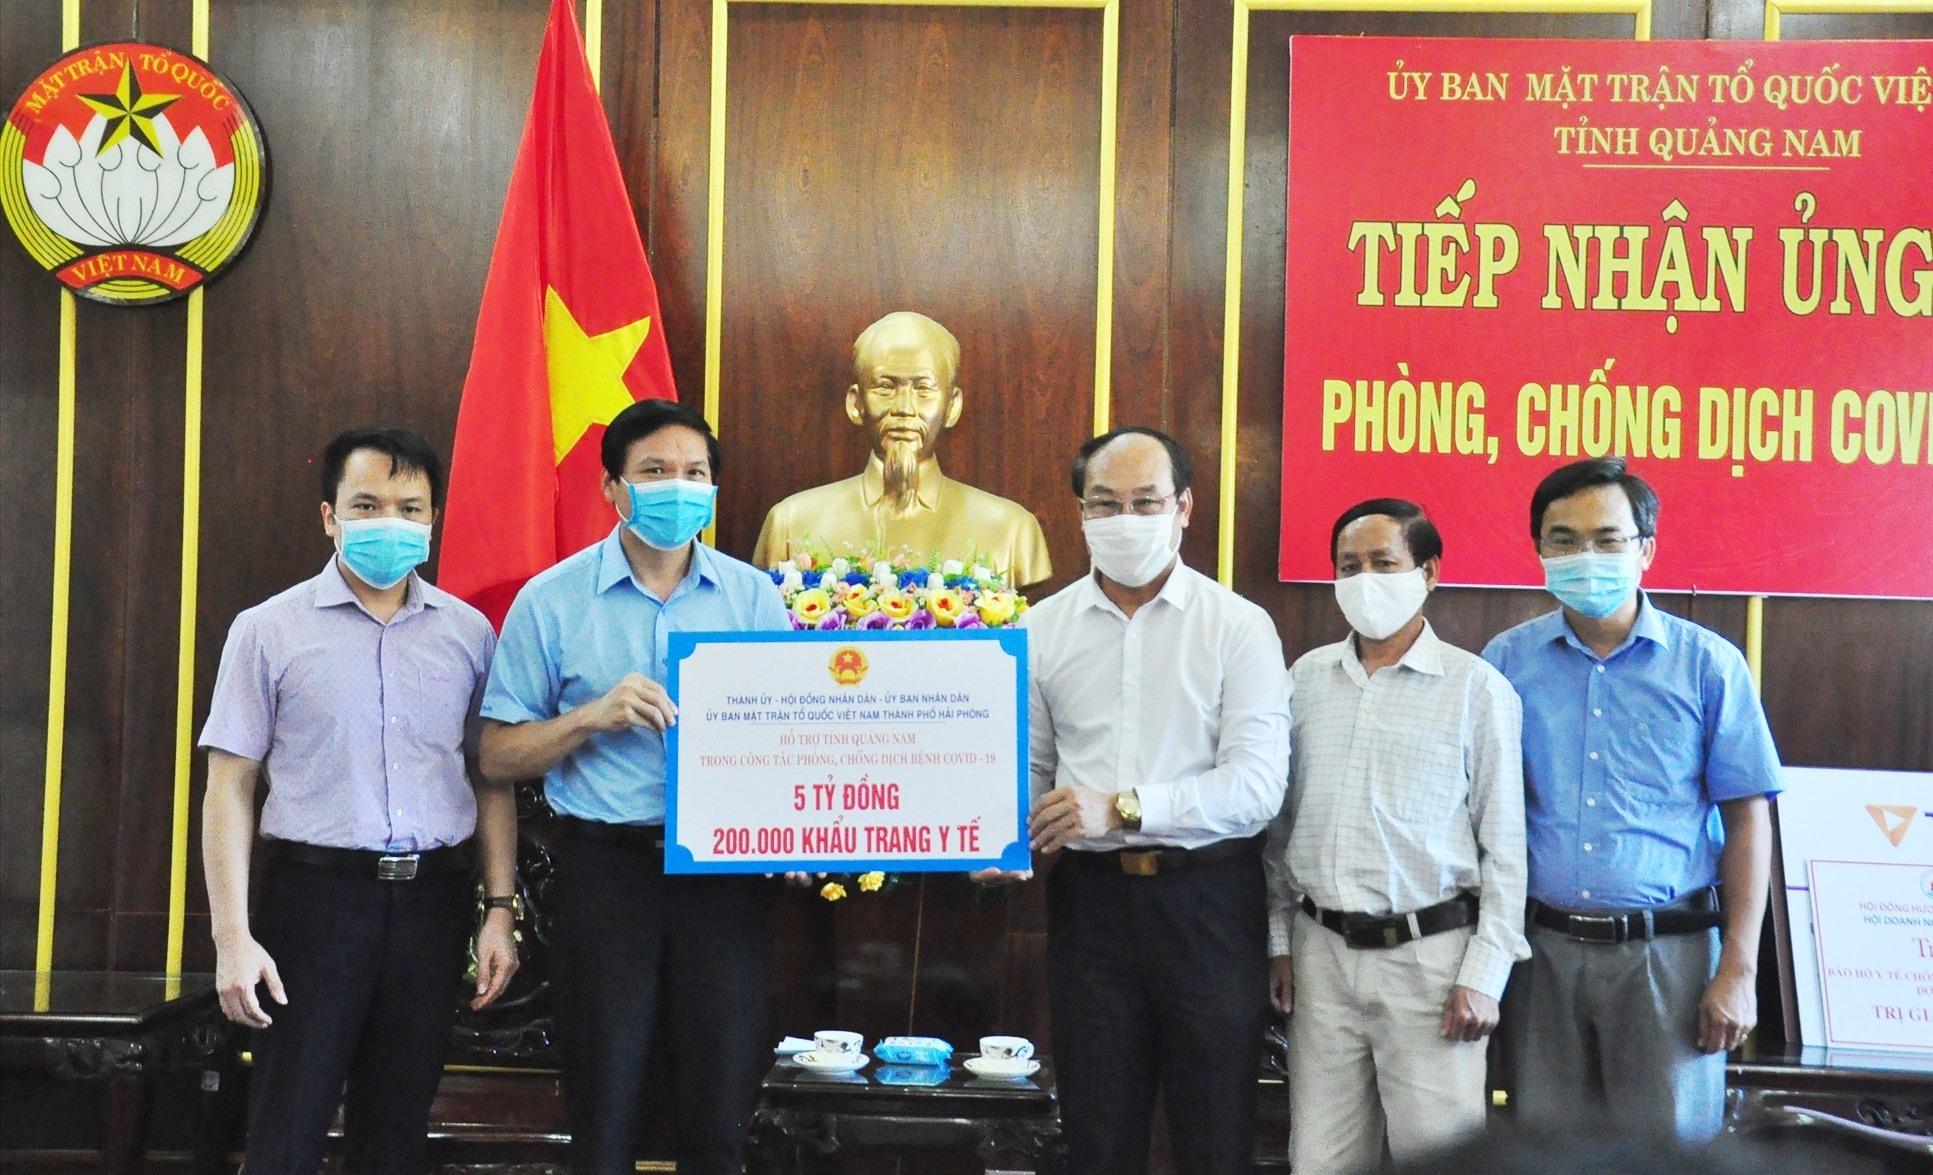 TP.Hải Phòng trao tặng 5 tỷ đồng cùng 200 nghìn khẩu trang y tế cho Quảng Nam phòng chống dịch. Ảnh: VINH ANH